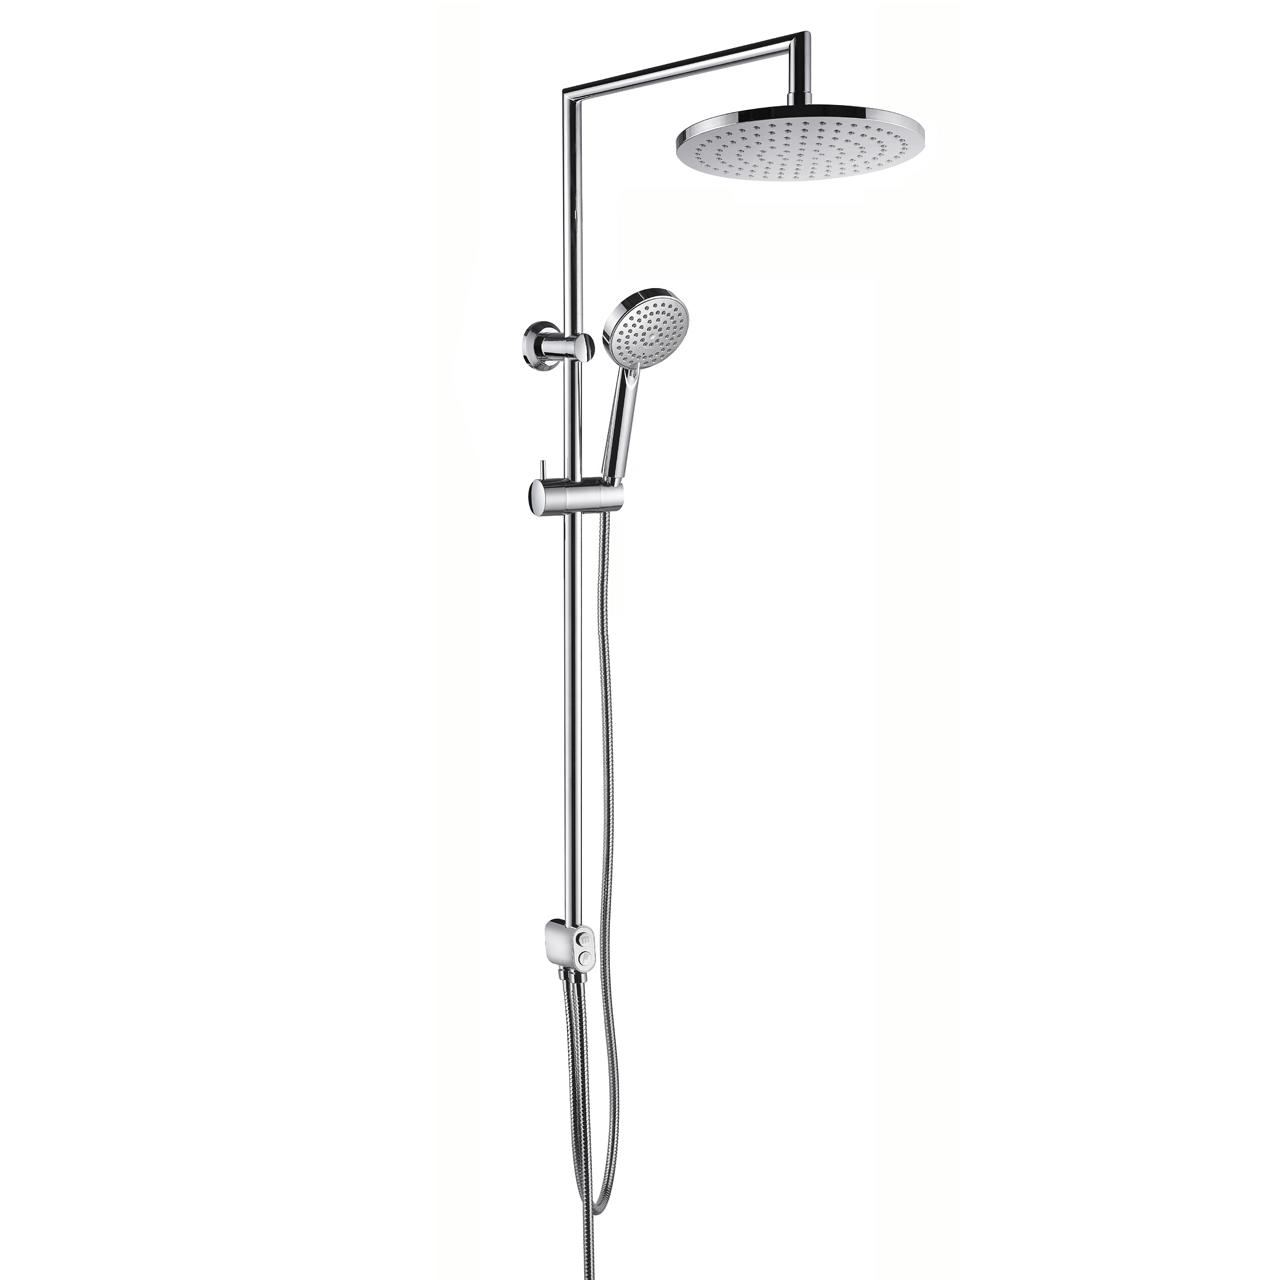 دوش حمام ملودی مدل اسمارت